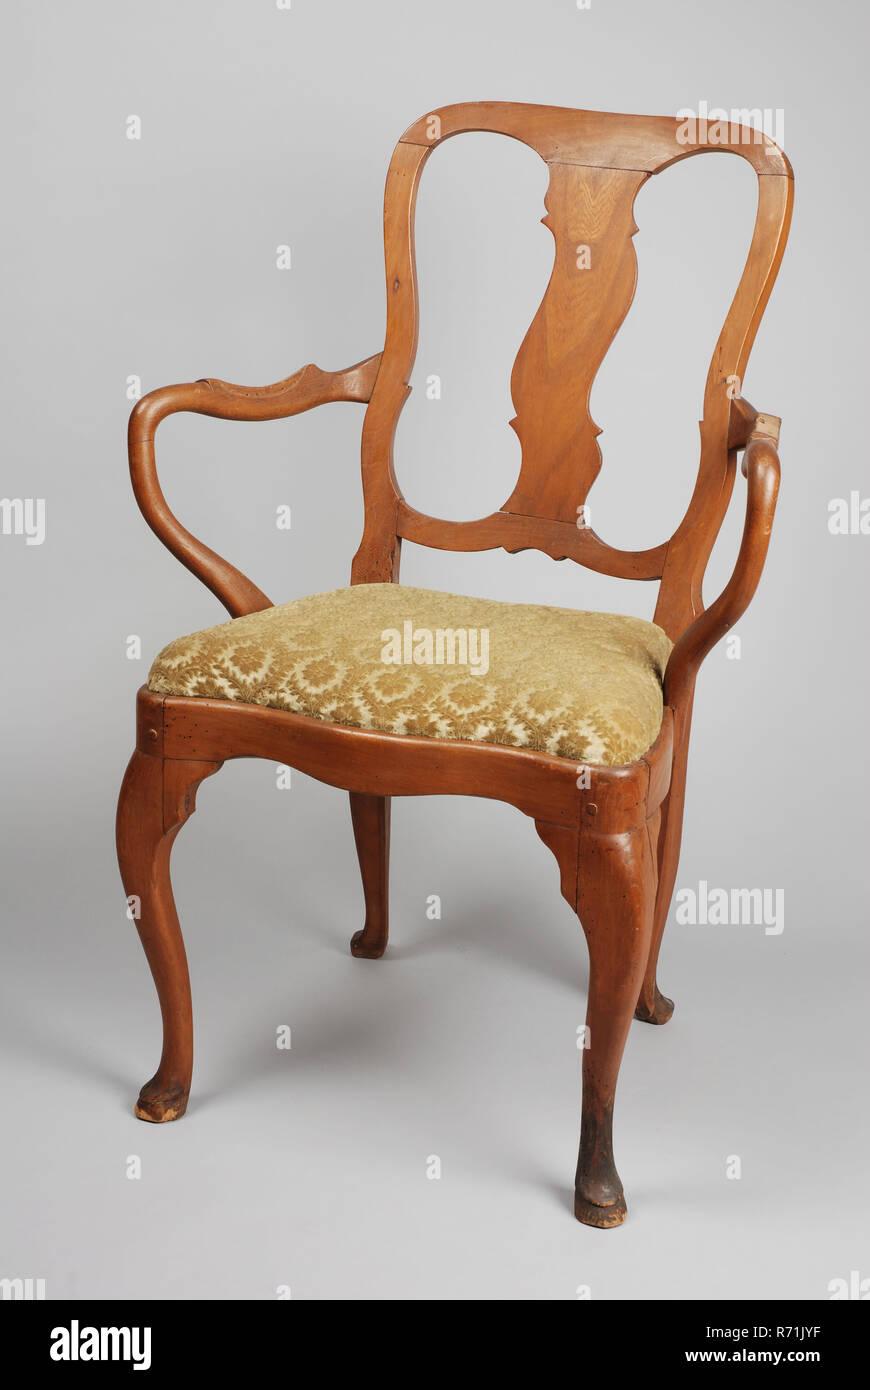 Elfenbein Holz Rokoko Sessel Sessel Stuhl Mobel Mobel